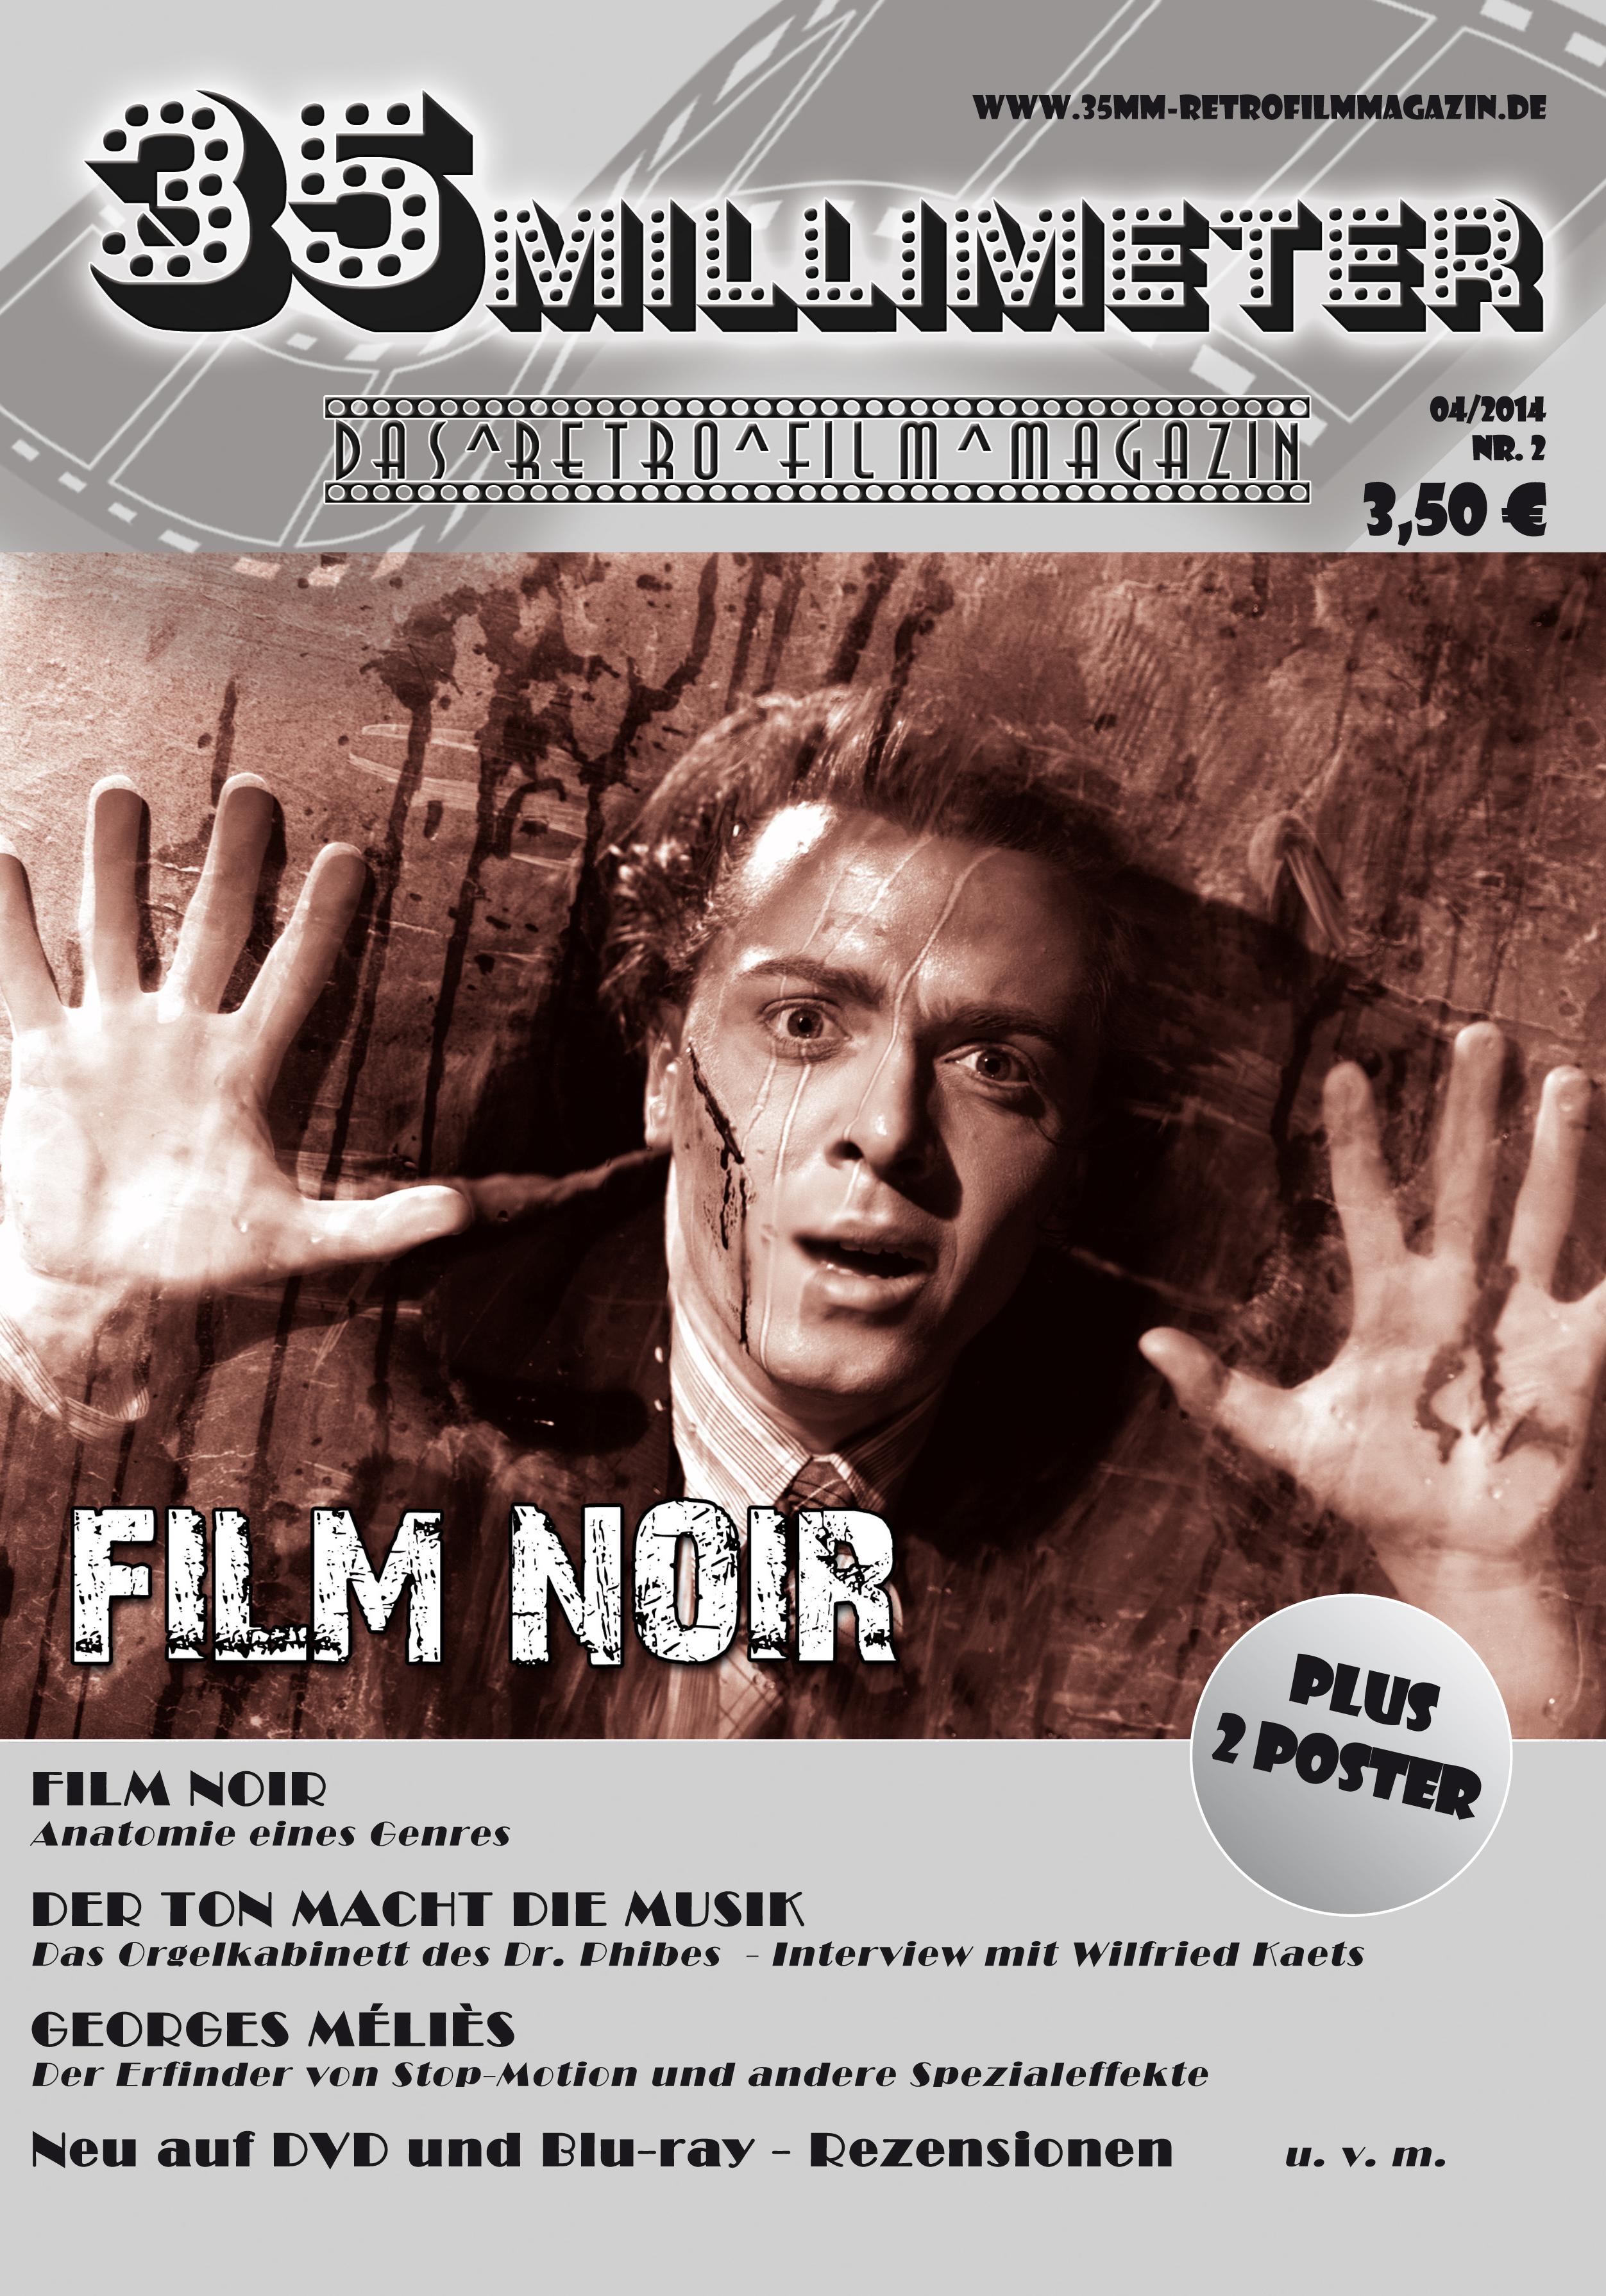 Archiv – 35mm – Das Retro-Film-Magazin